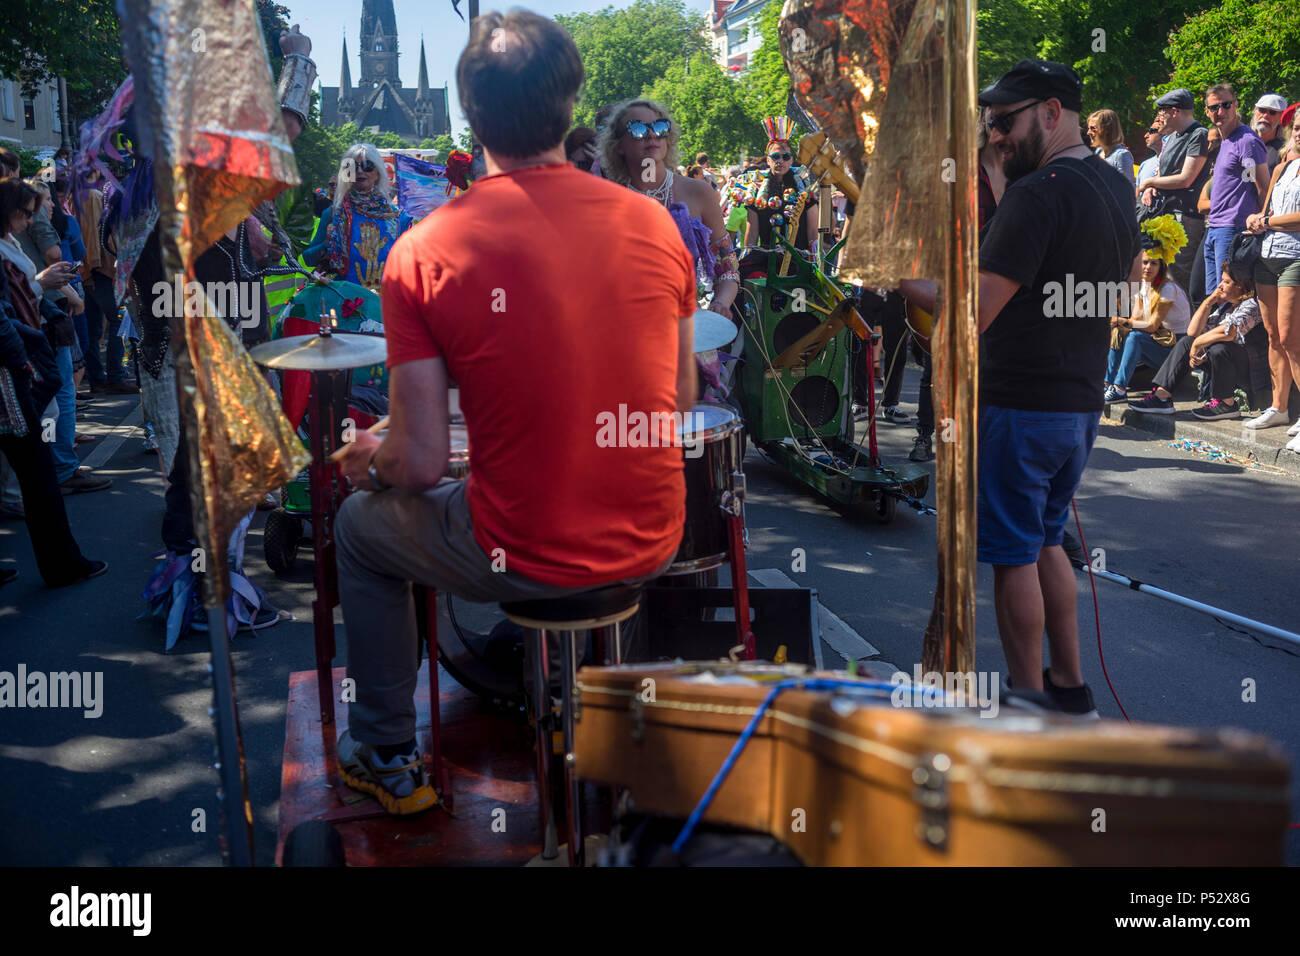 El desfile es el punto culminante del carnaval de las Culturas durante el fin de semana de Pentecostés en Berlín. Imagen De Stock